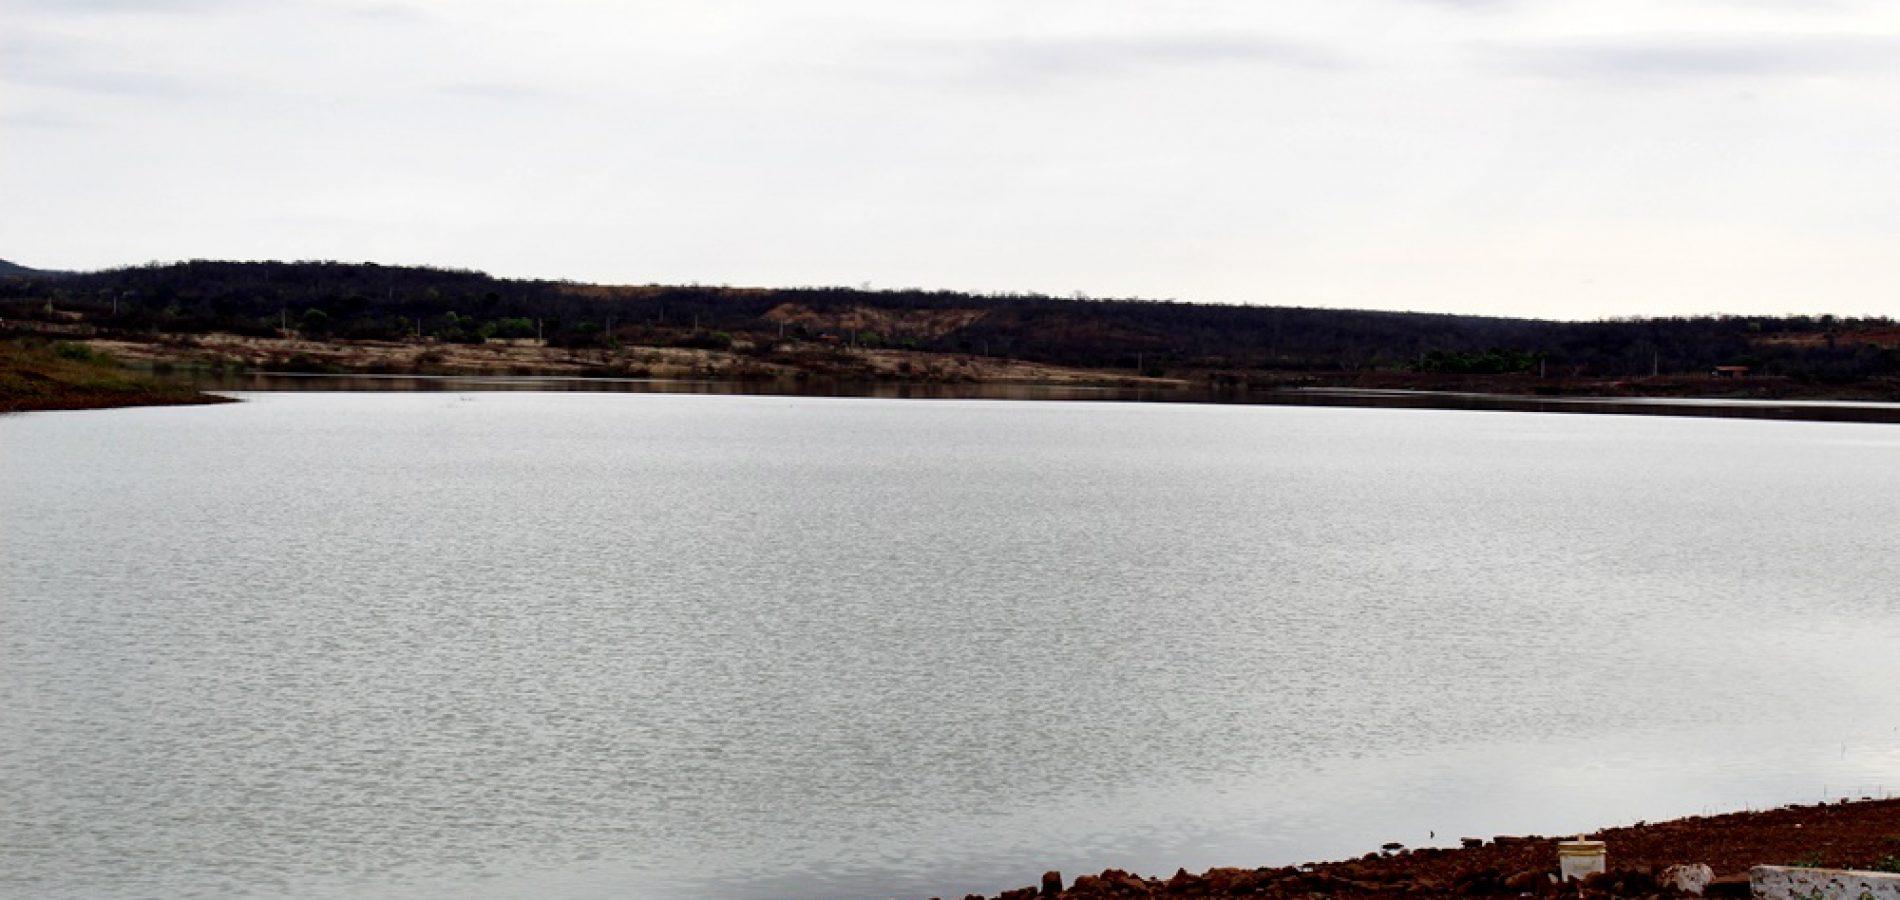 Jovem que pilotava jet ski perde controle e se afoga na barragem de Bocaina